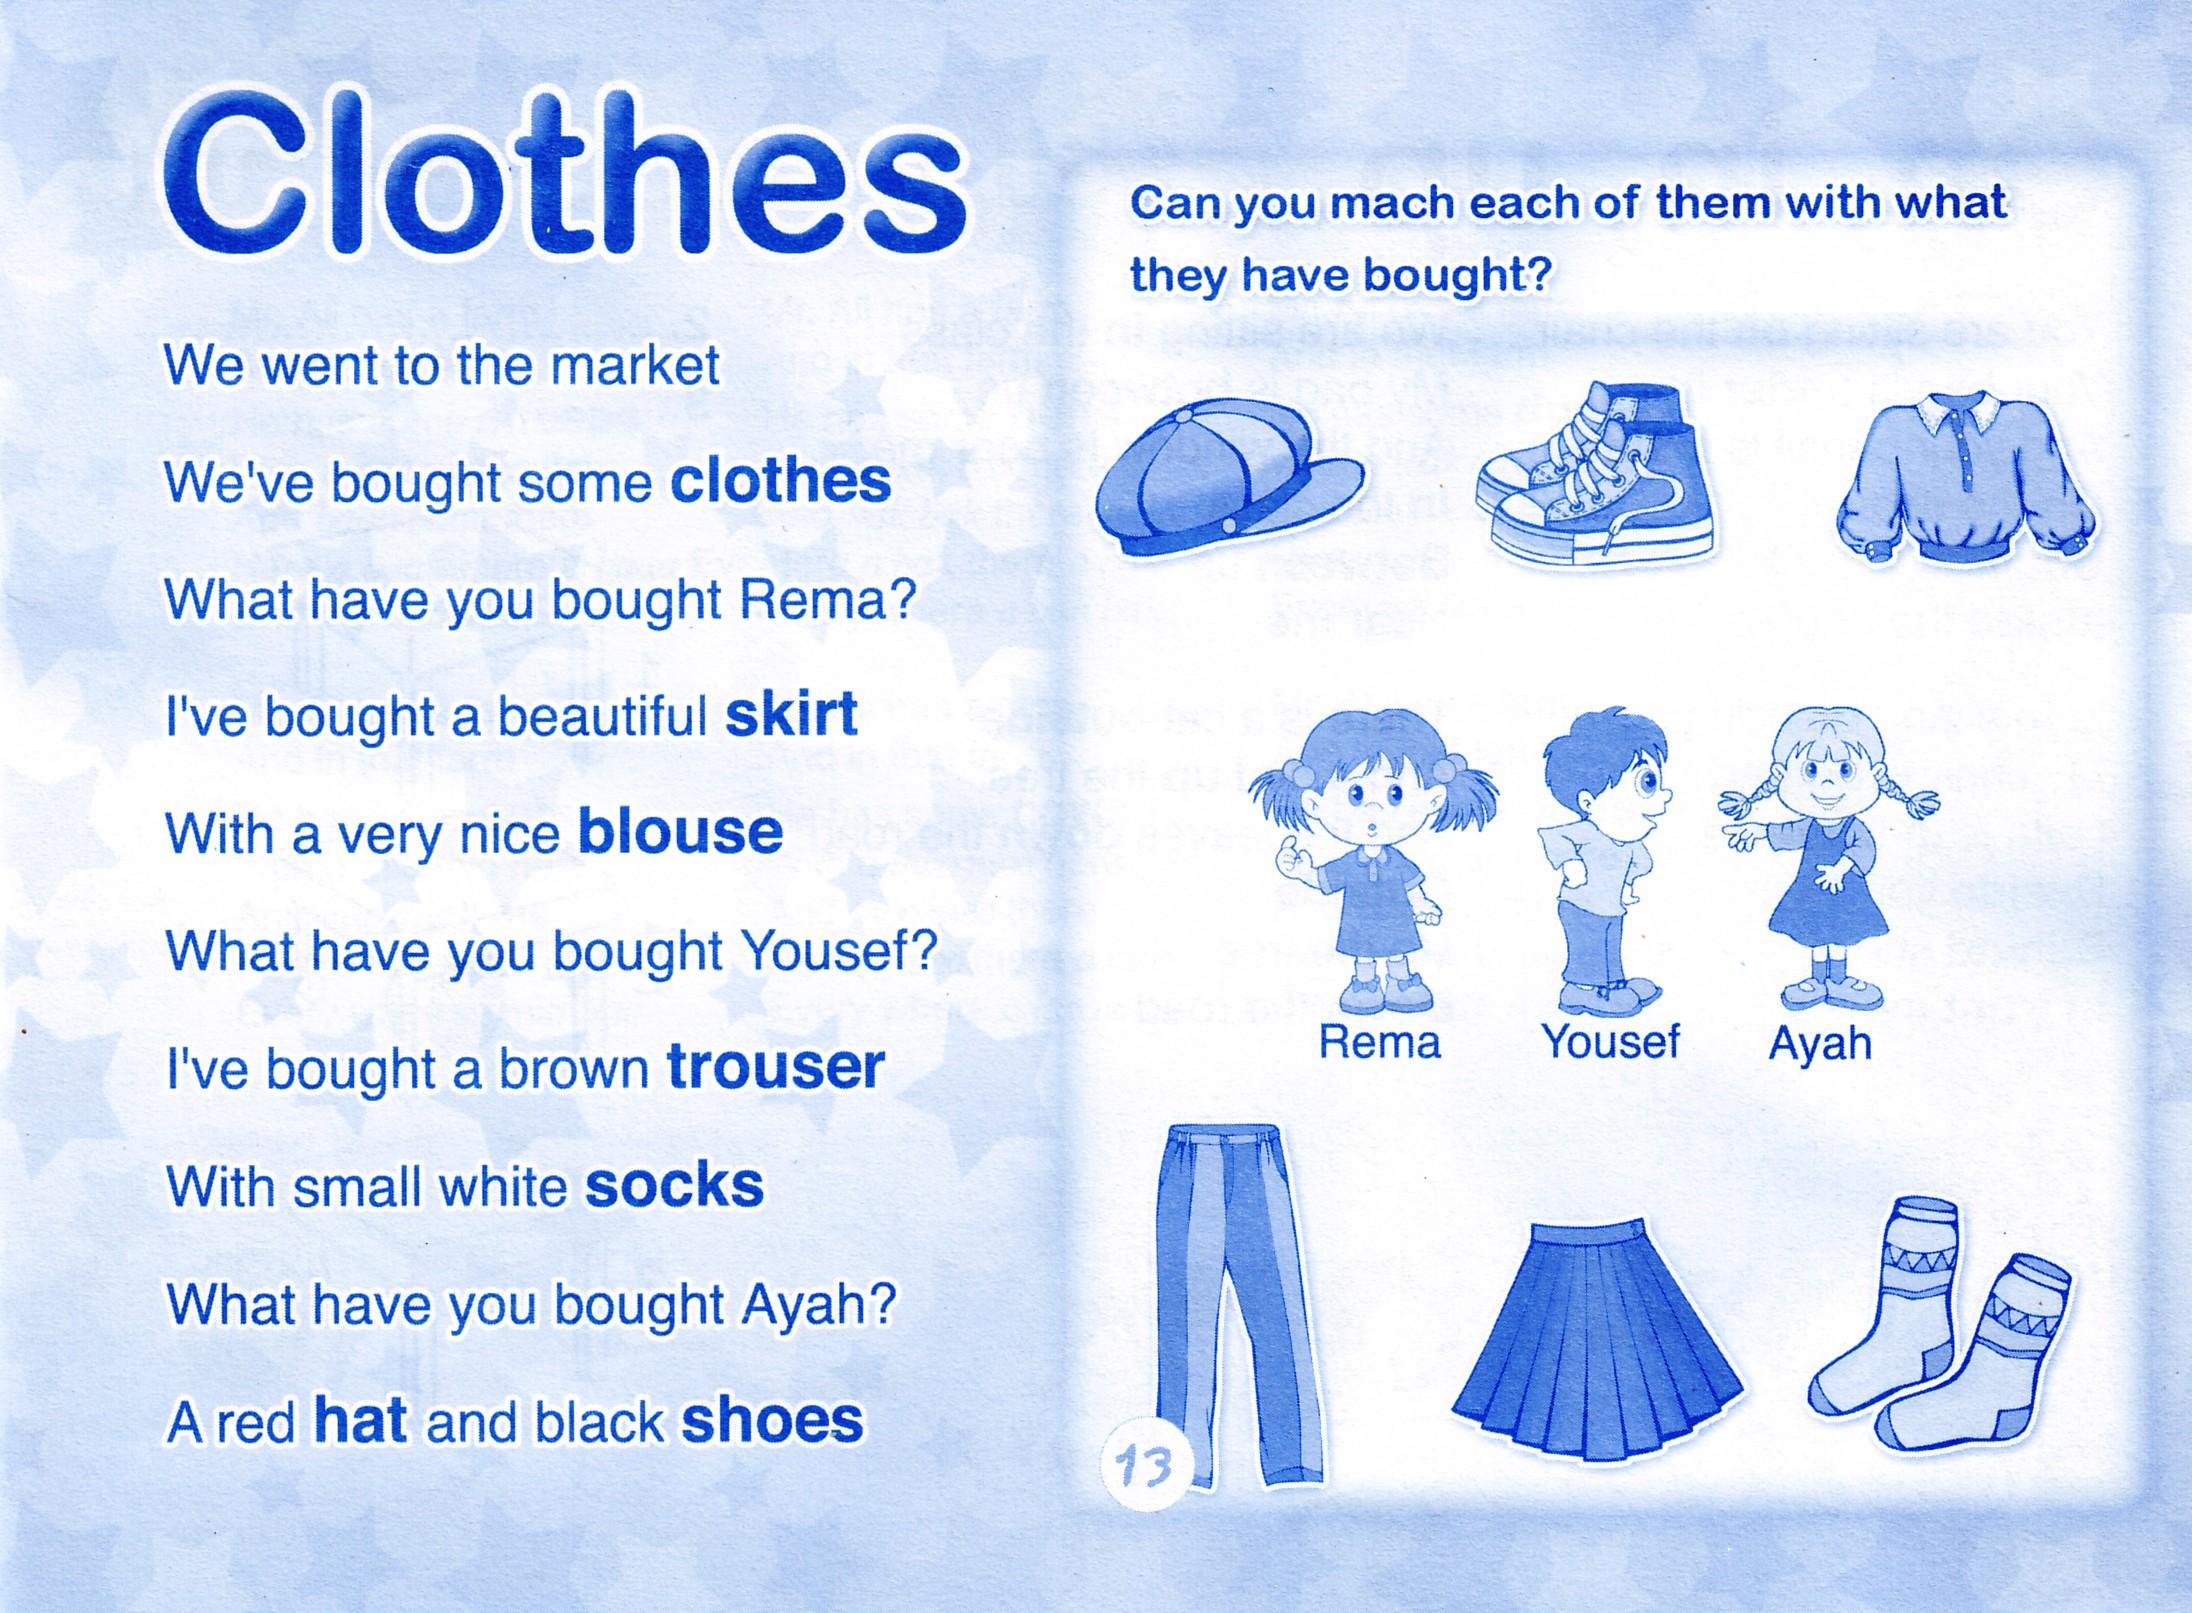 أناشيد باللغة الأنجليزية تعليمية - English songs for kids .. للأطفال 1234_01200090745